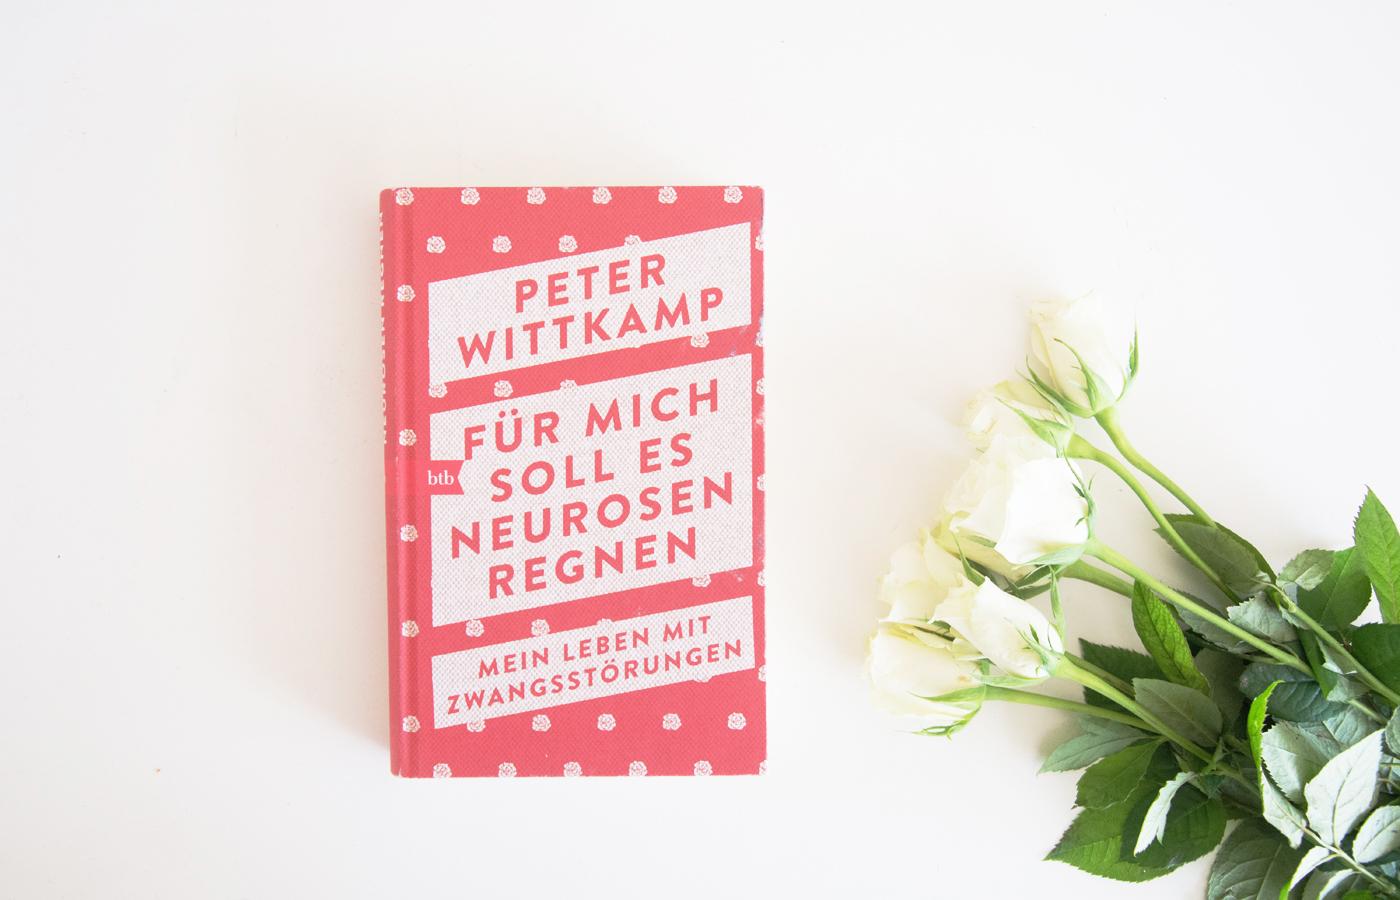 Literaturbesprechung:  »Für mich soll es Neurosen regnen – Mein Leben mit Zwangsstörungen« von Peter Wittkamp